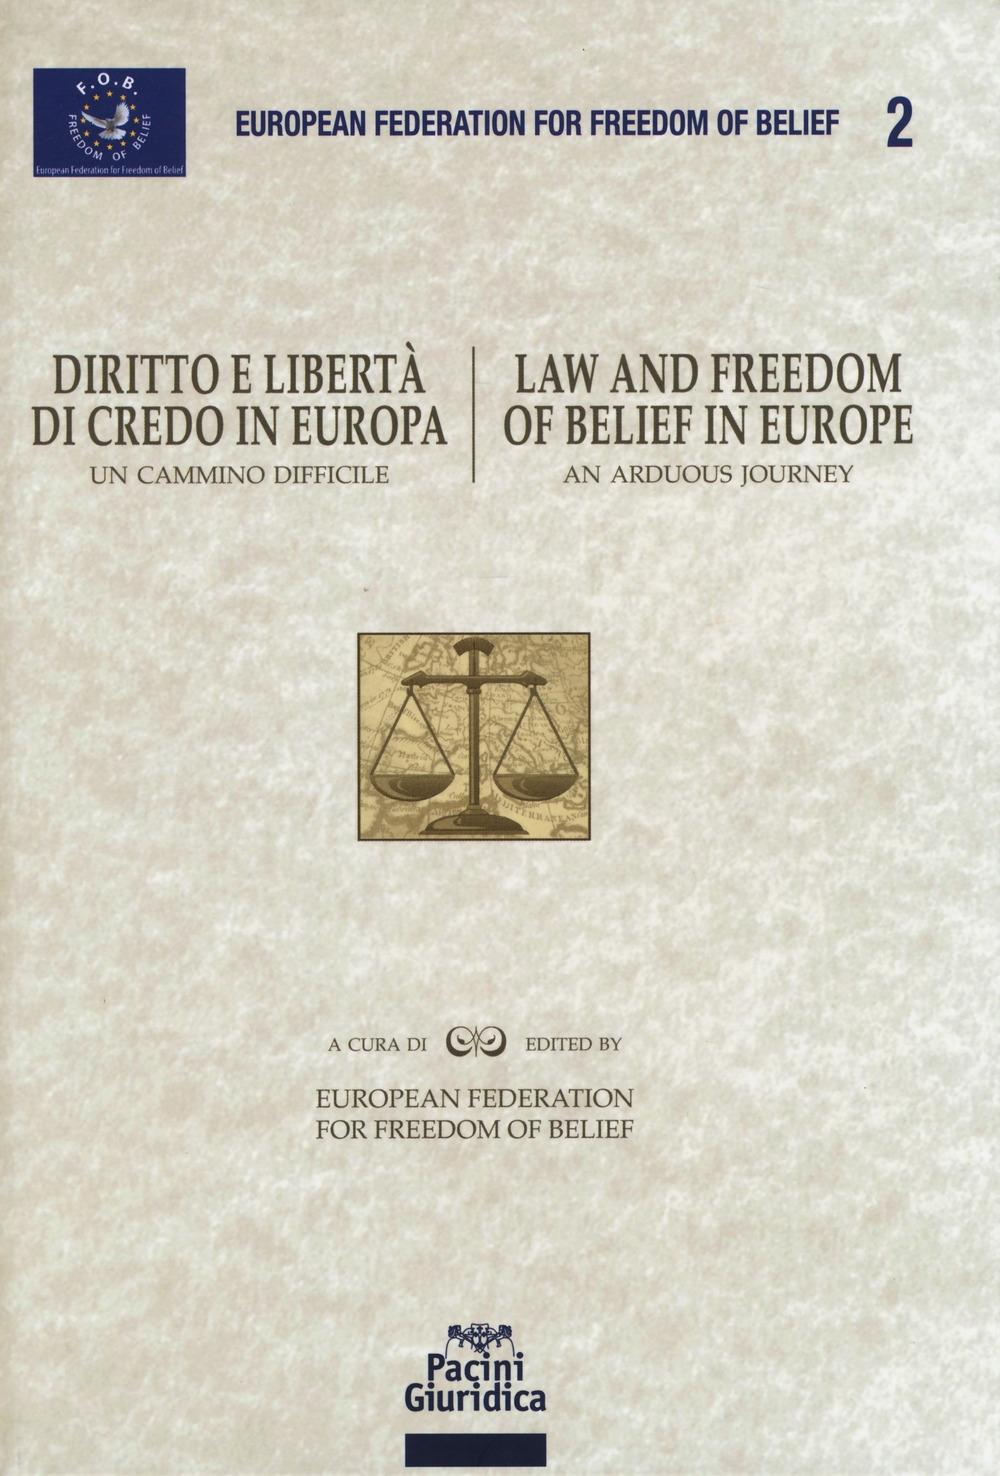 Diritto e libertà di credo in Europa. Un cammino difficile-Law and freedom of belief in Europe. An arduous journey